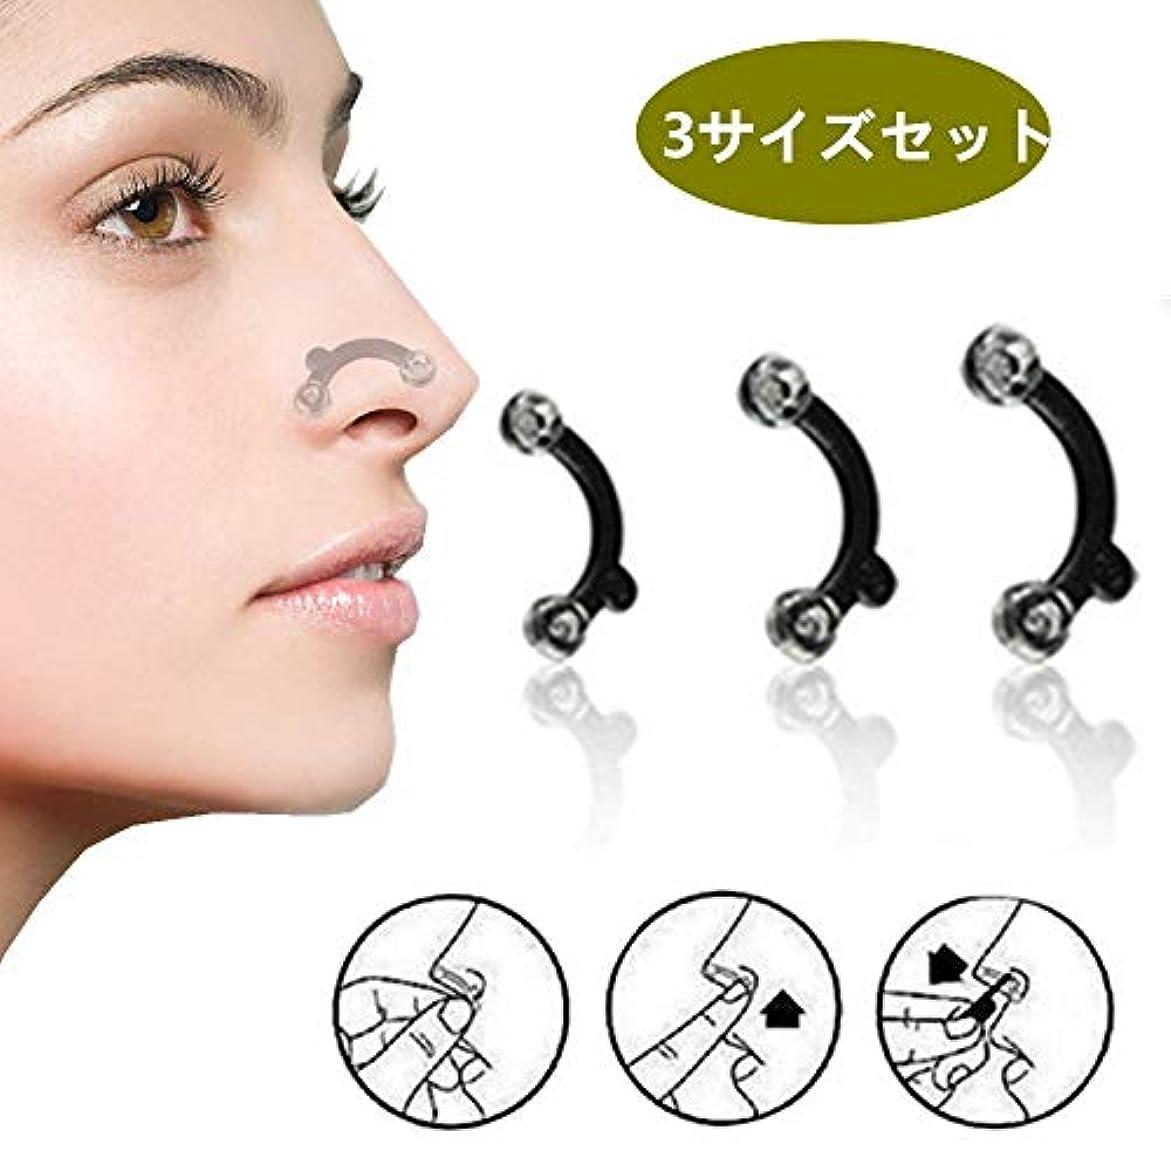 ハンディキャップイースター温かい鼻プチ 柔軟性高く ハナのアイプチ 痛くない 矯正プチ 整形せず24.5mm/25.5mm/27mm全3サイズセット ブラック